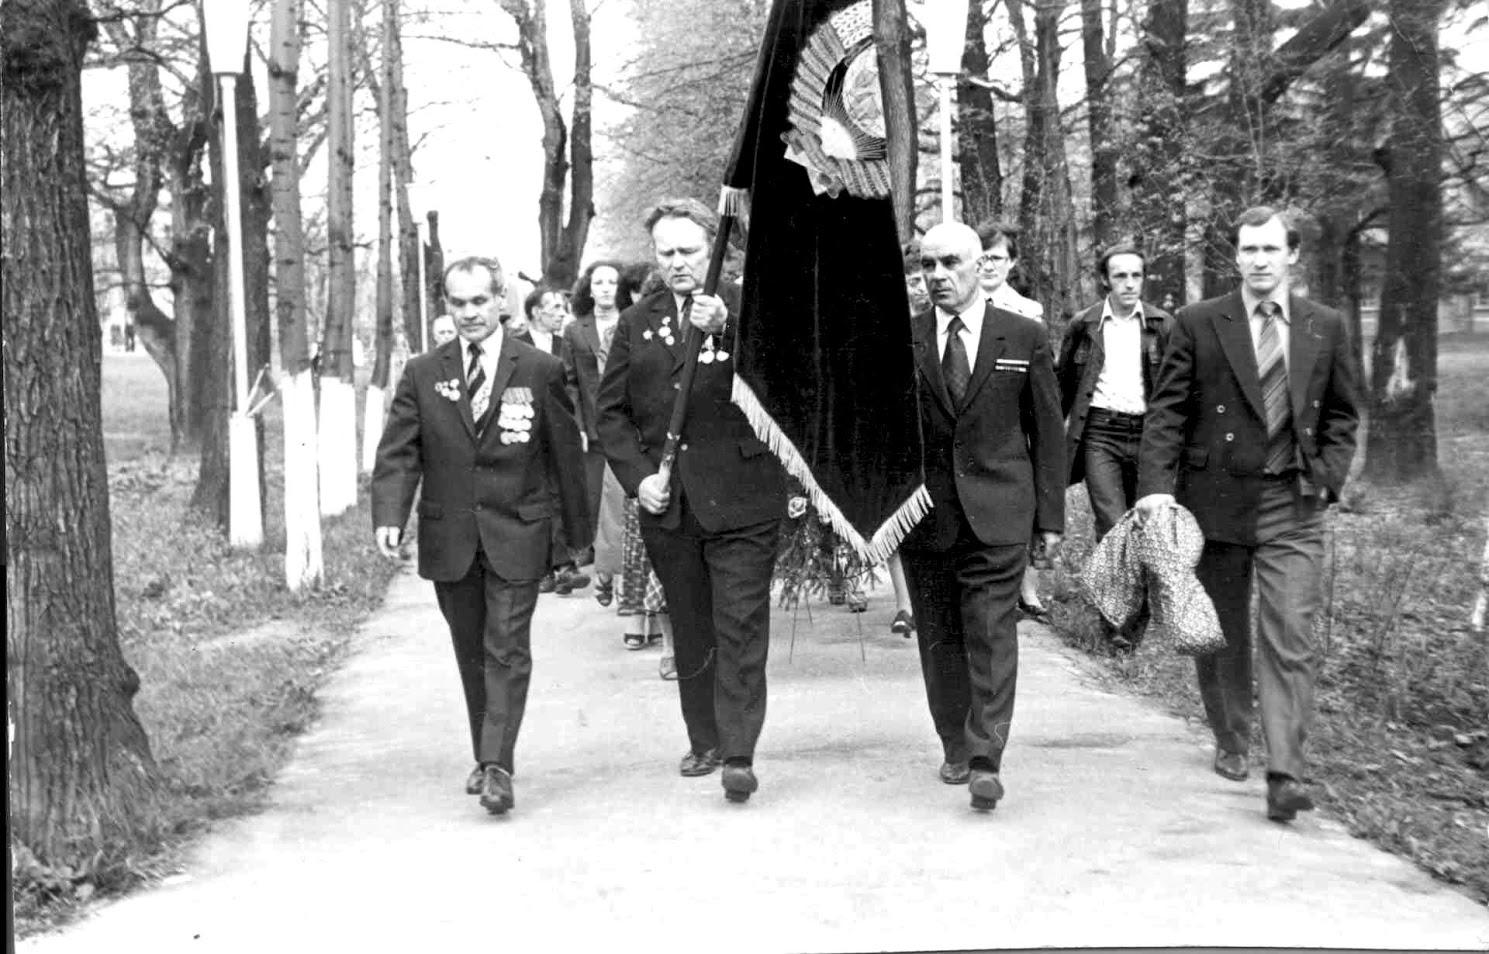 9 мая 1977 года. Во главе колонны ветераны ВОВ, сотрудники ВНИИ кормов. Слева направо: Мазур К.К., Щербаков М.Ф., Фирсов С.И.